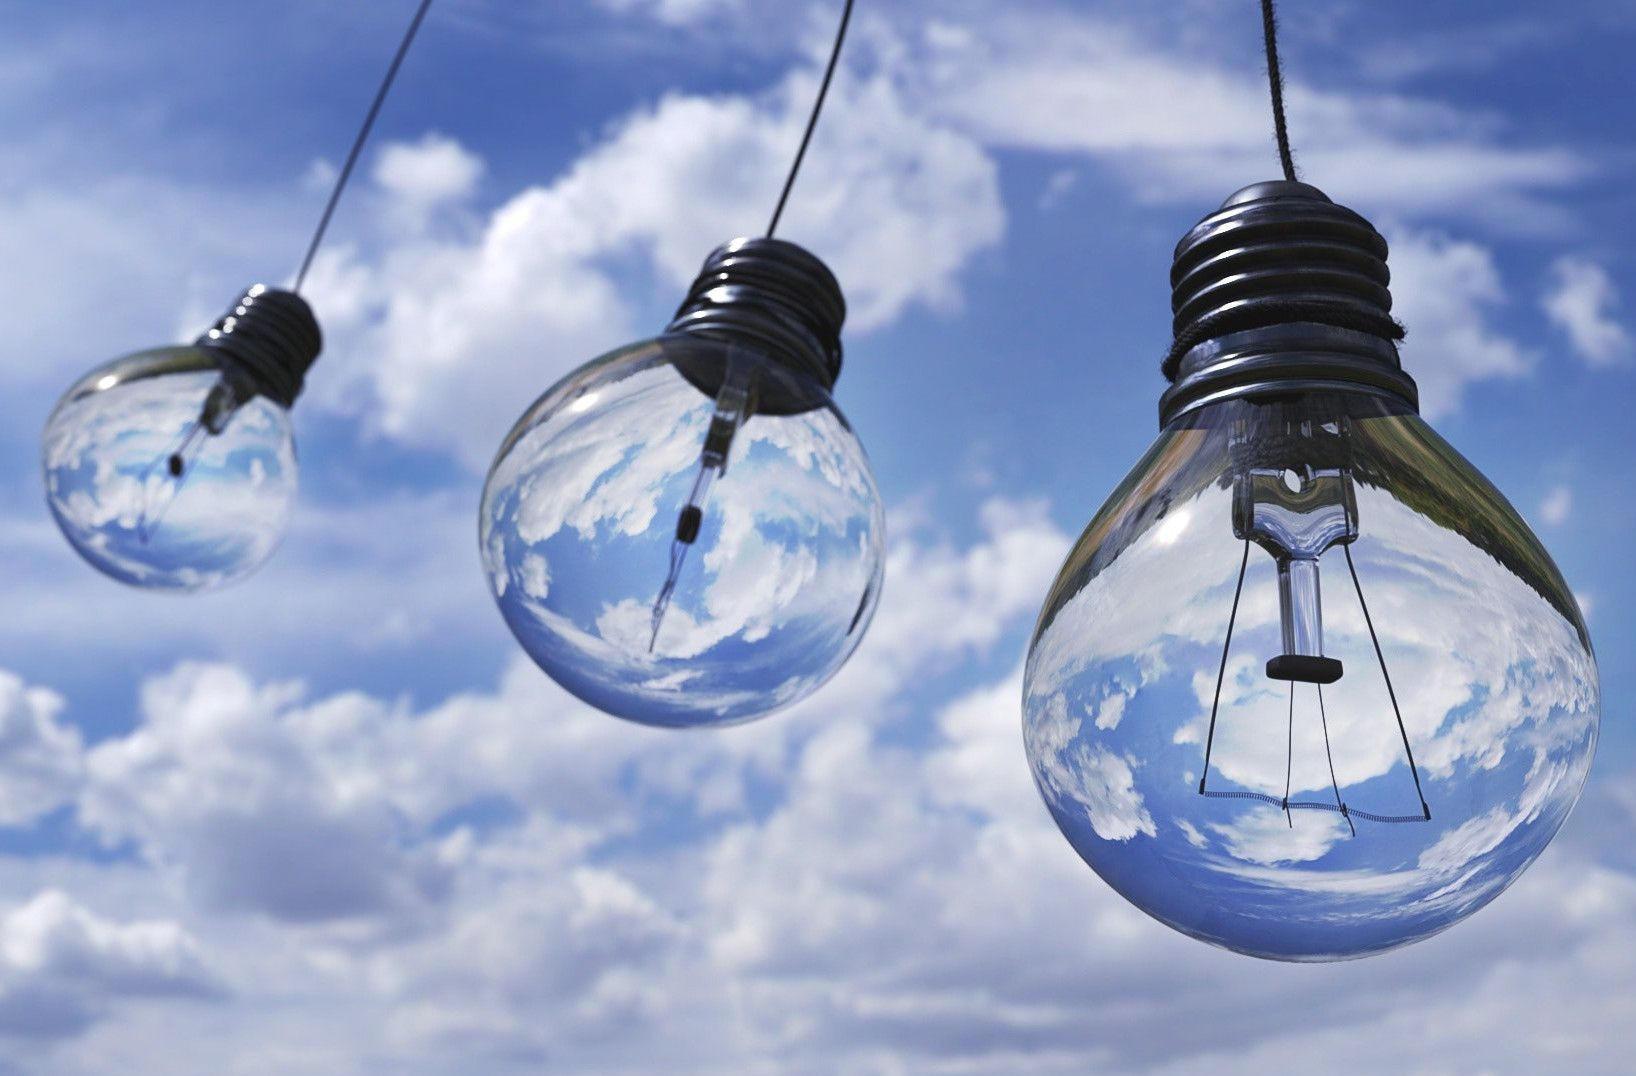 Light bulbs of clarity